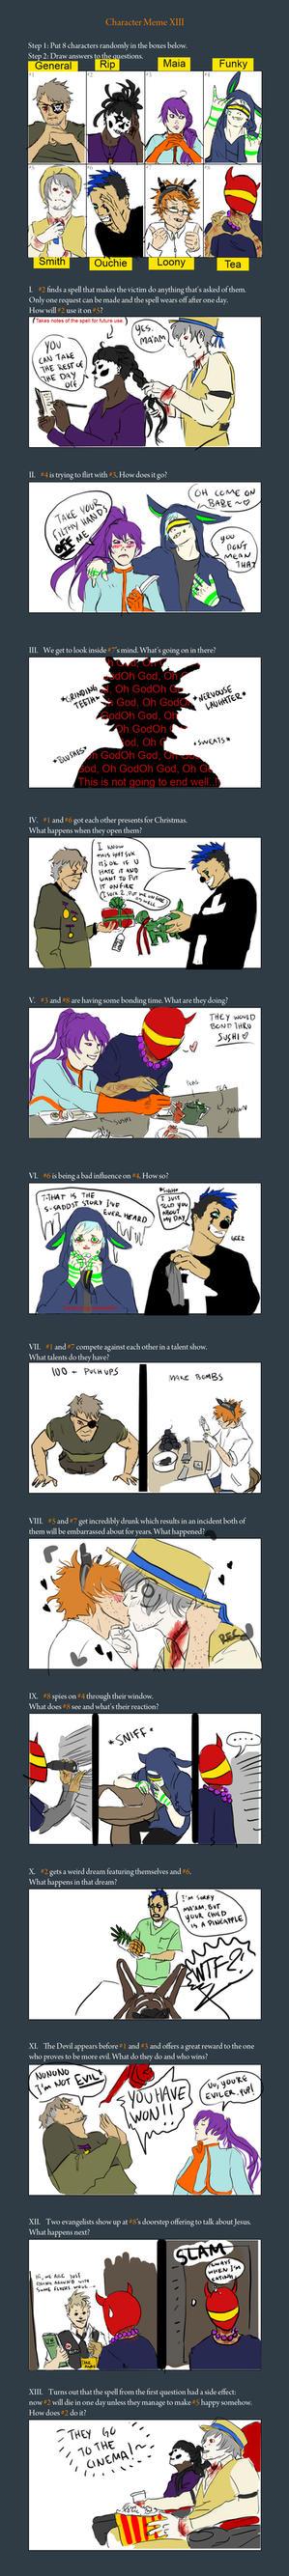 Hell(p) meme by Ckirean